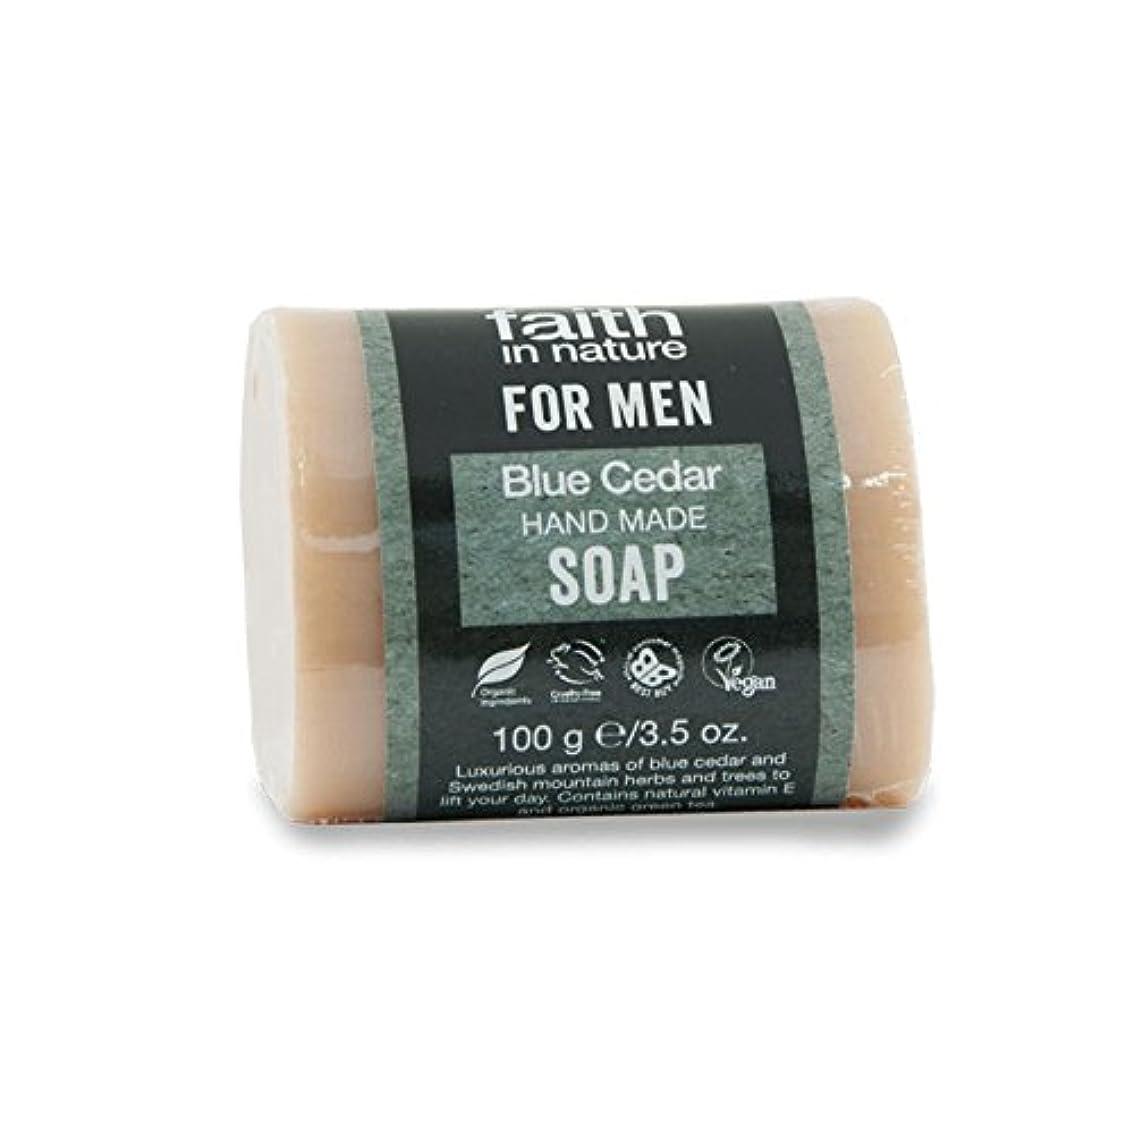 霜コーンウォールはがきFaith in Nature for Men Blue Cedar Soap 100g (Pack of 6) - 男性青杉の石鹸100グラムのための自然の中で信仰 (x6) [並行輸入品]